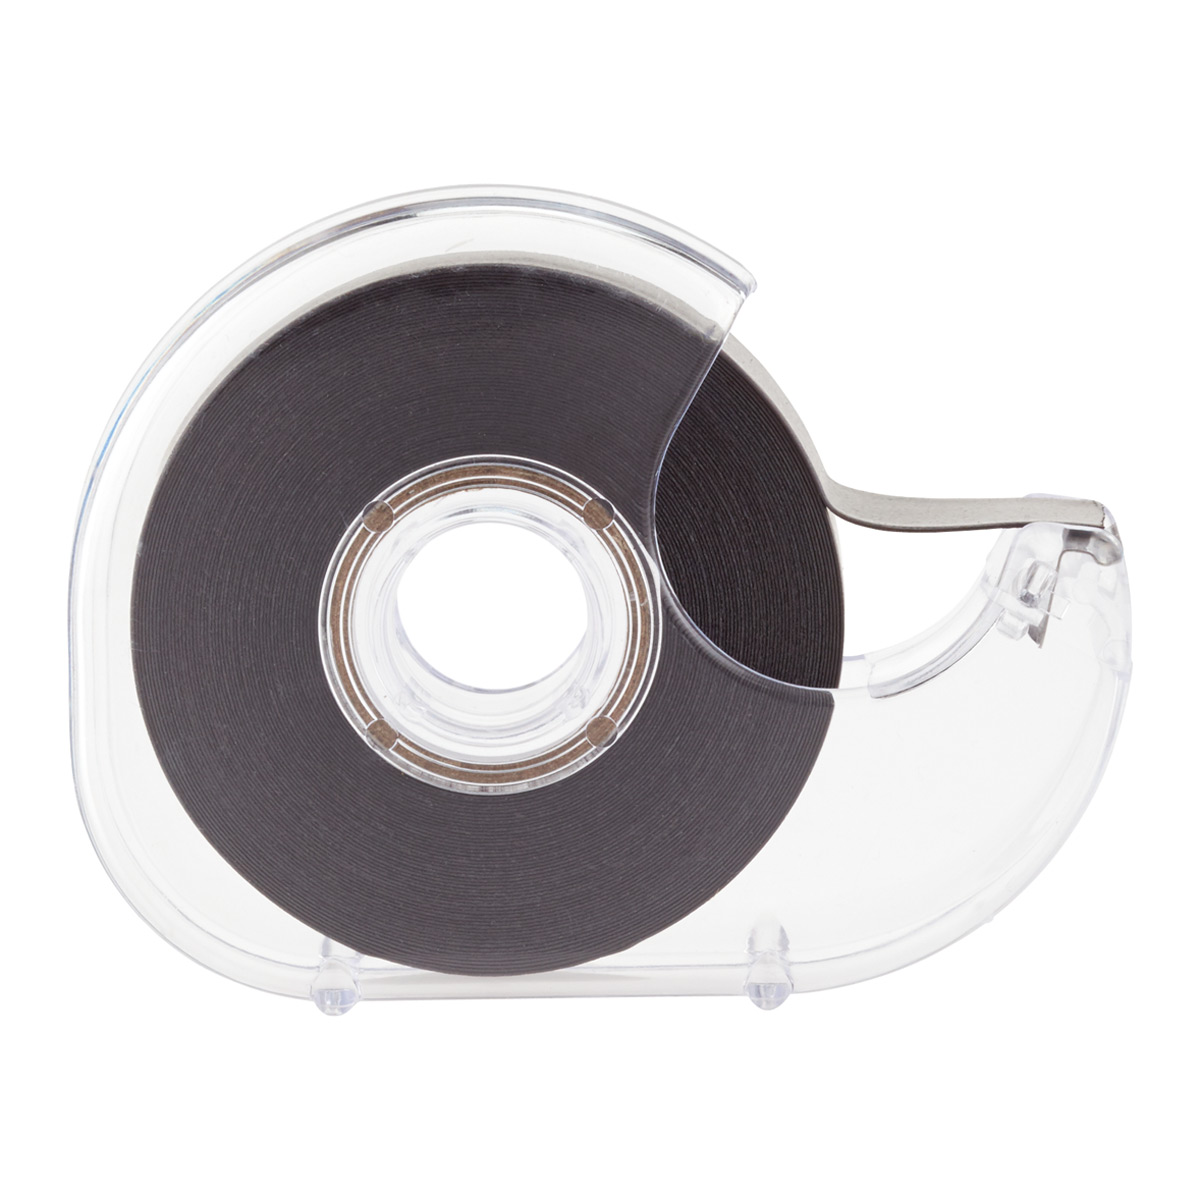 Magnet Tape Dispenser